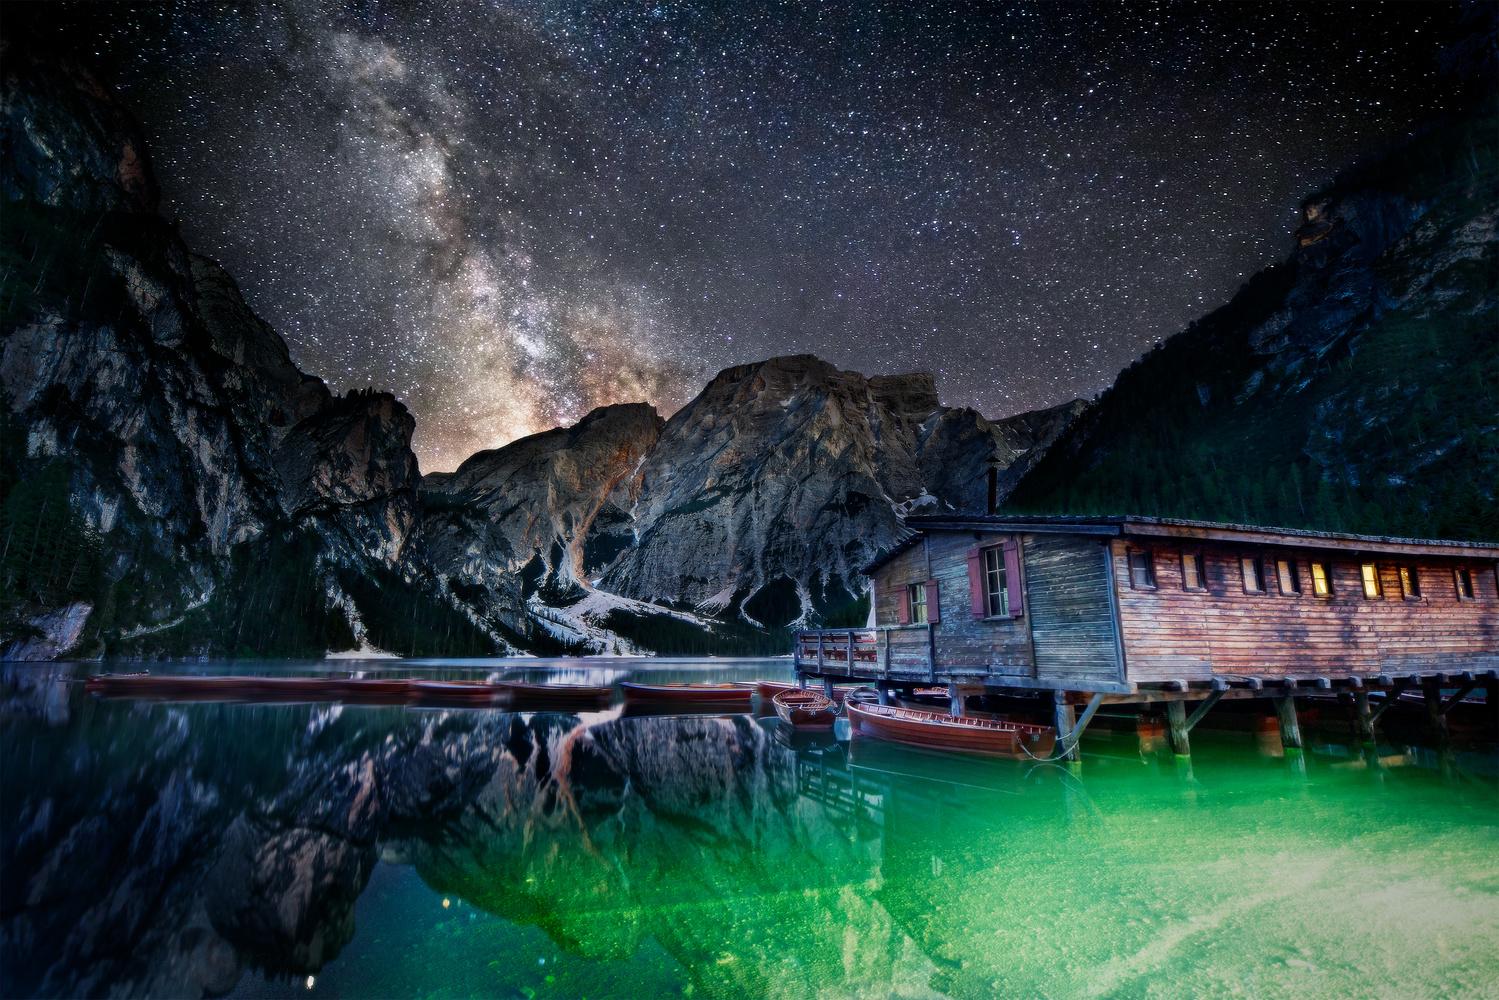 Under the stars by Tadej Žlahtič